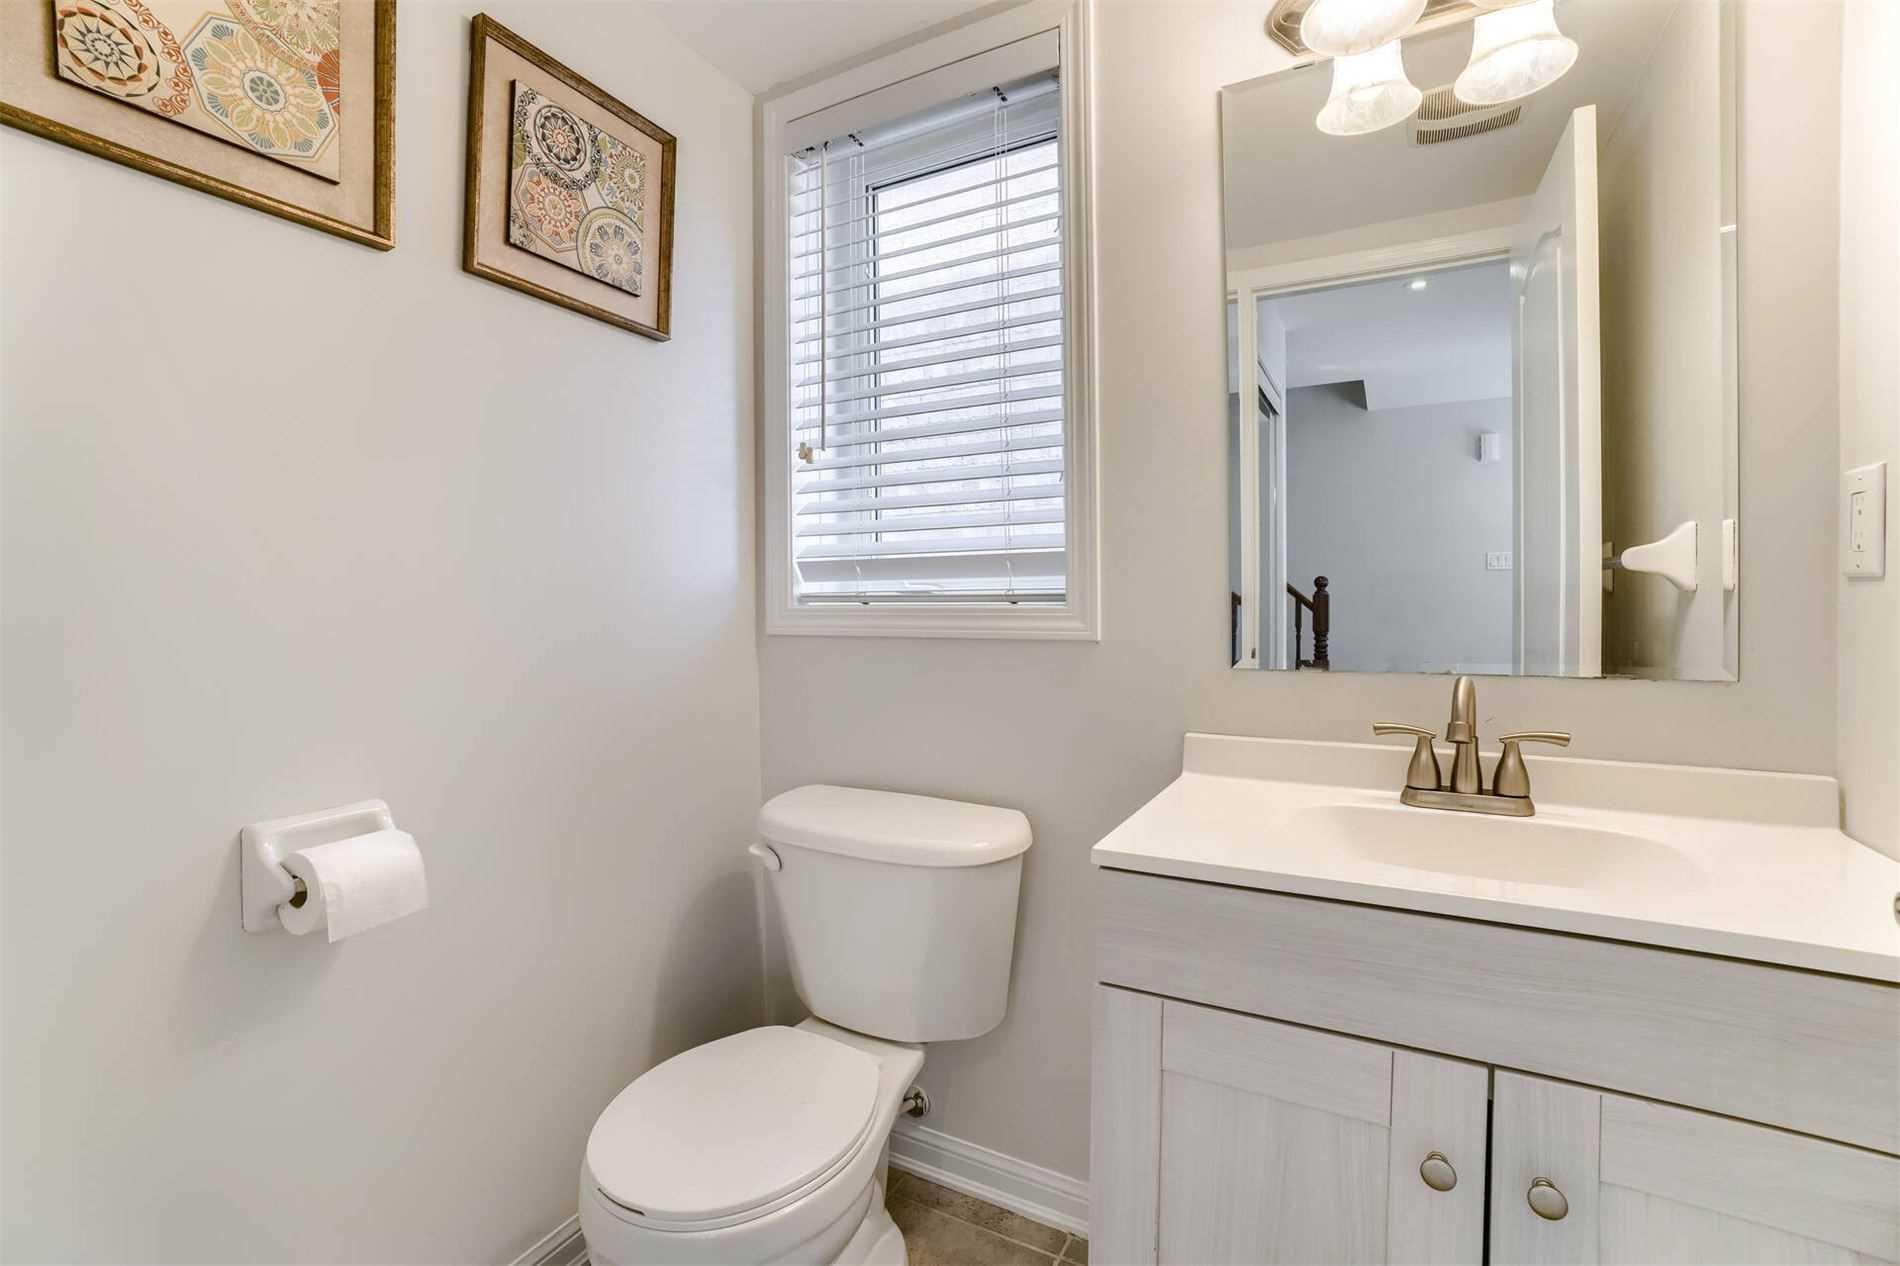 909 Hepburn Rd - Coates Detached for sale, 4 Bedrooms (W5398610) - #17